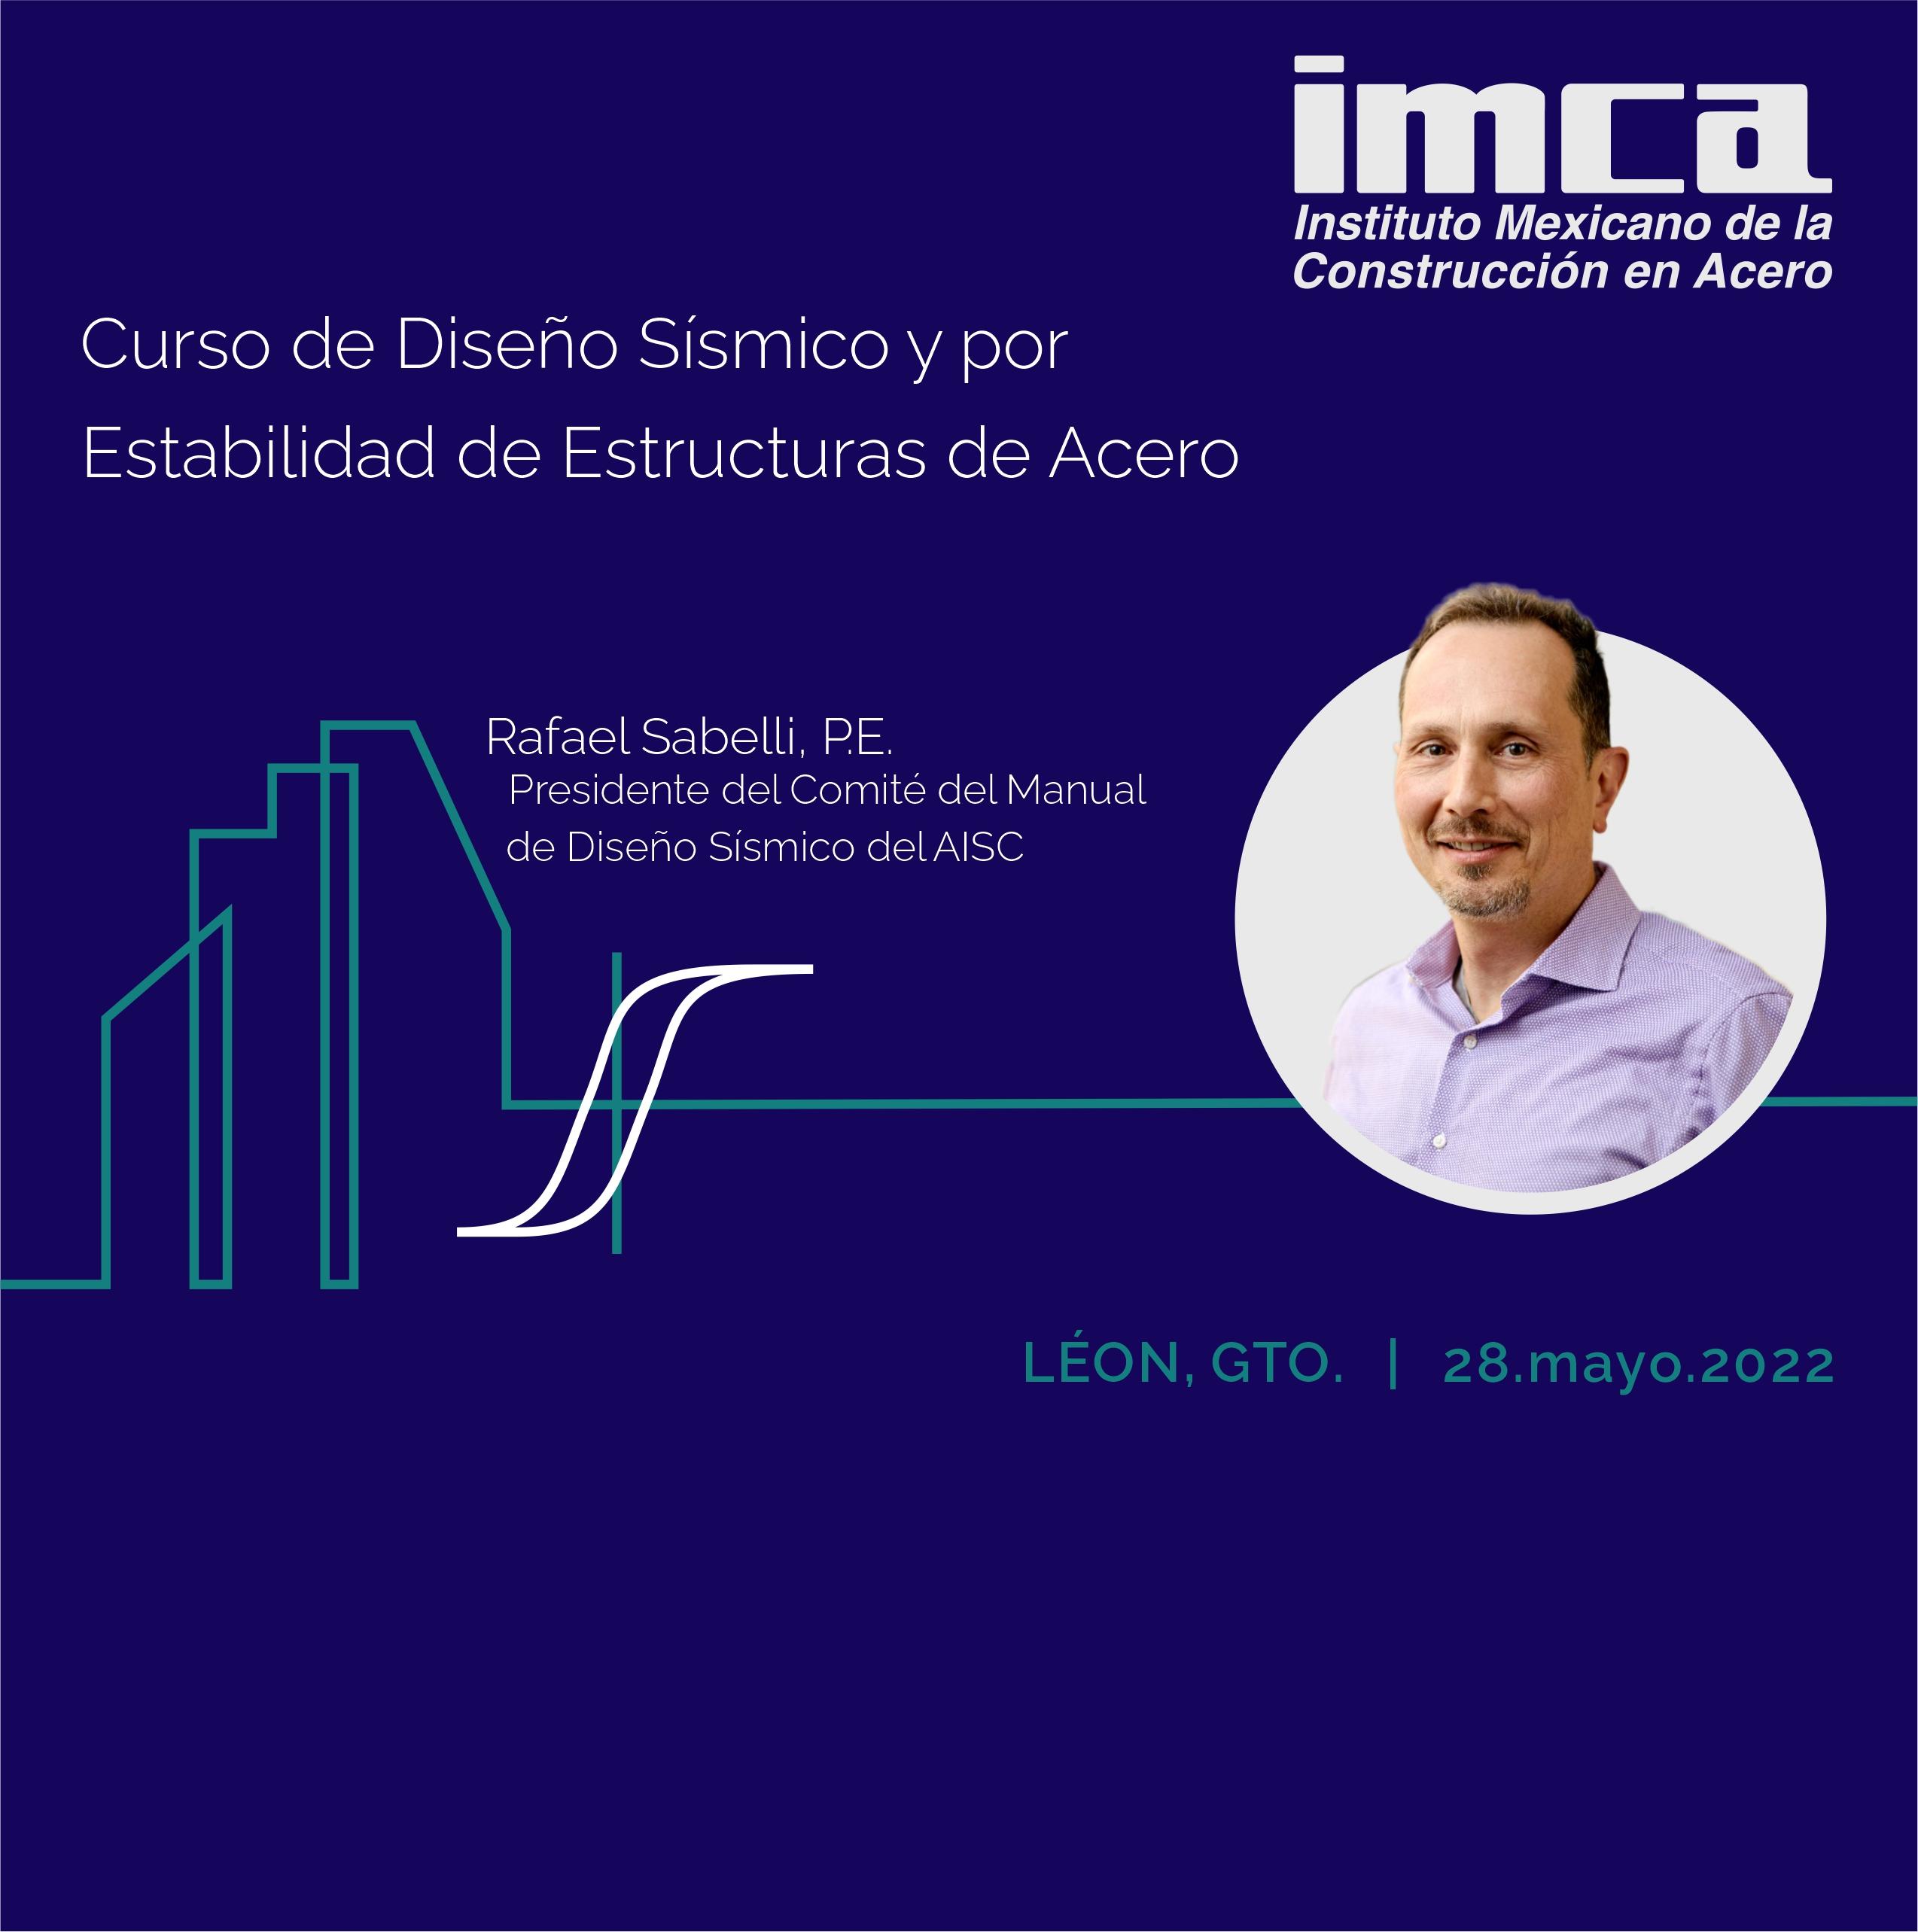 IMCA - Instituto Mexicano de la Construcción en Acero